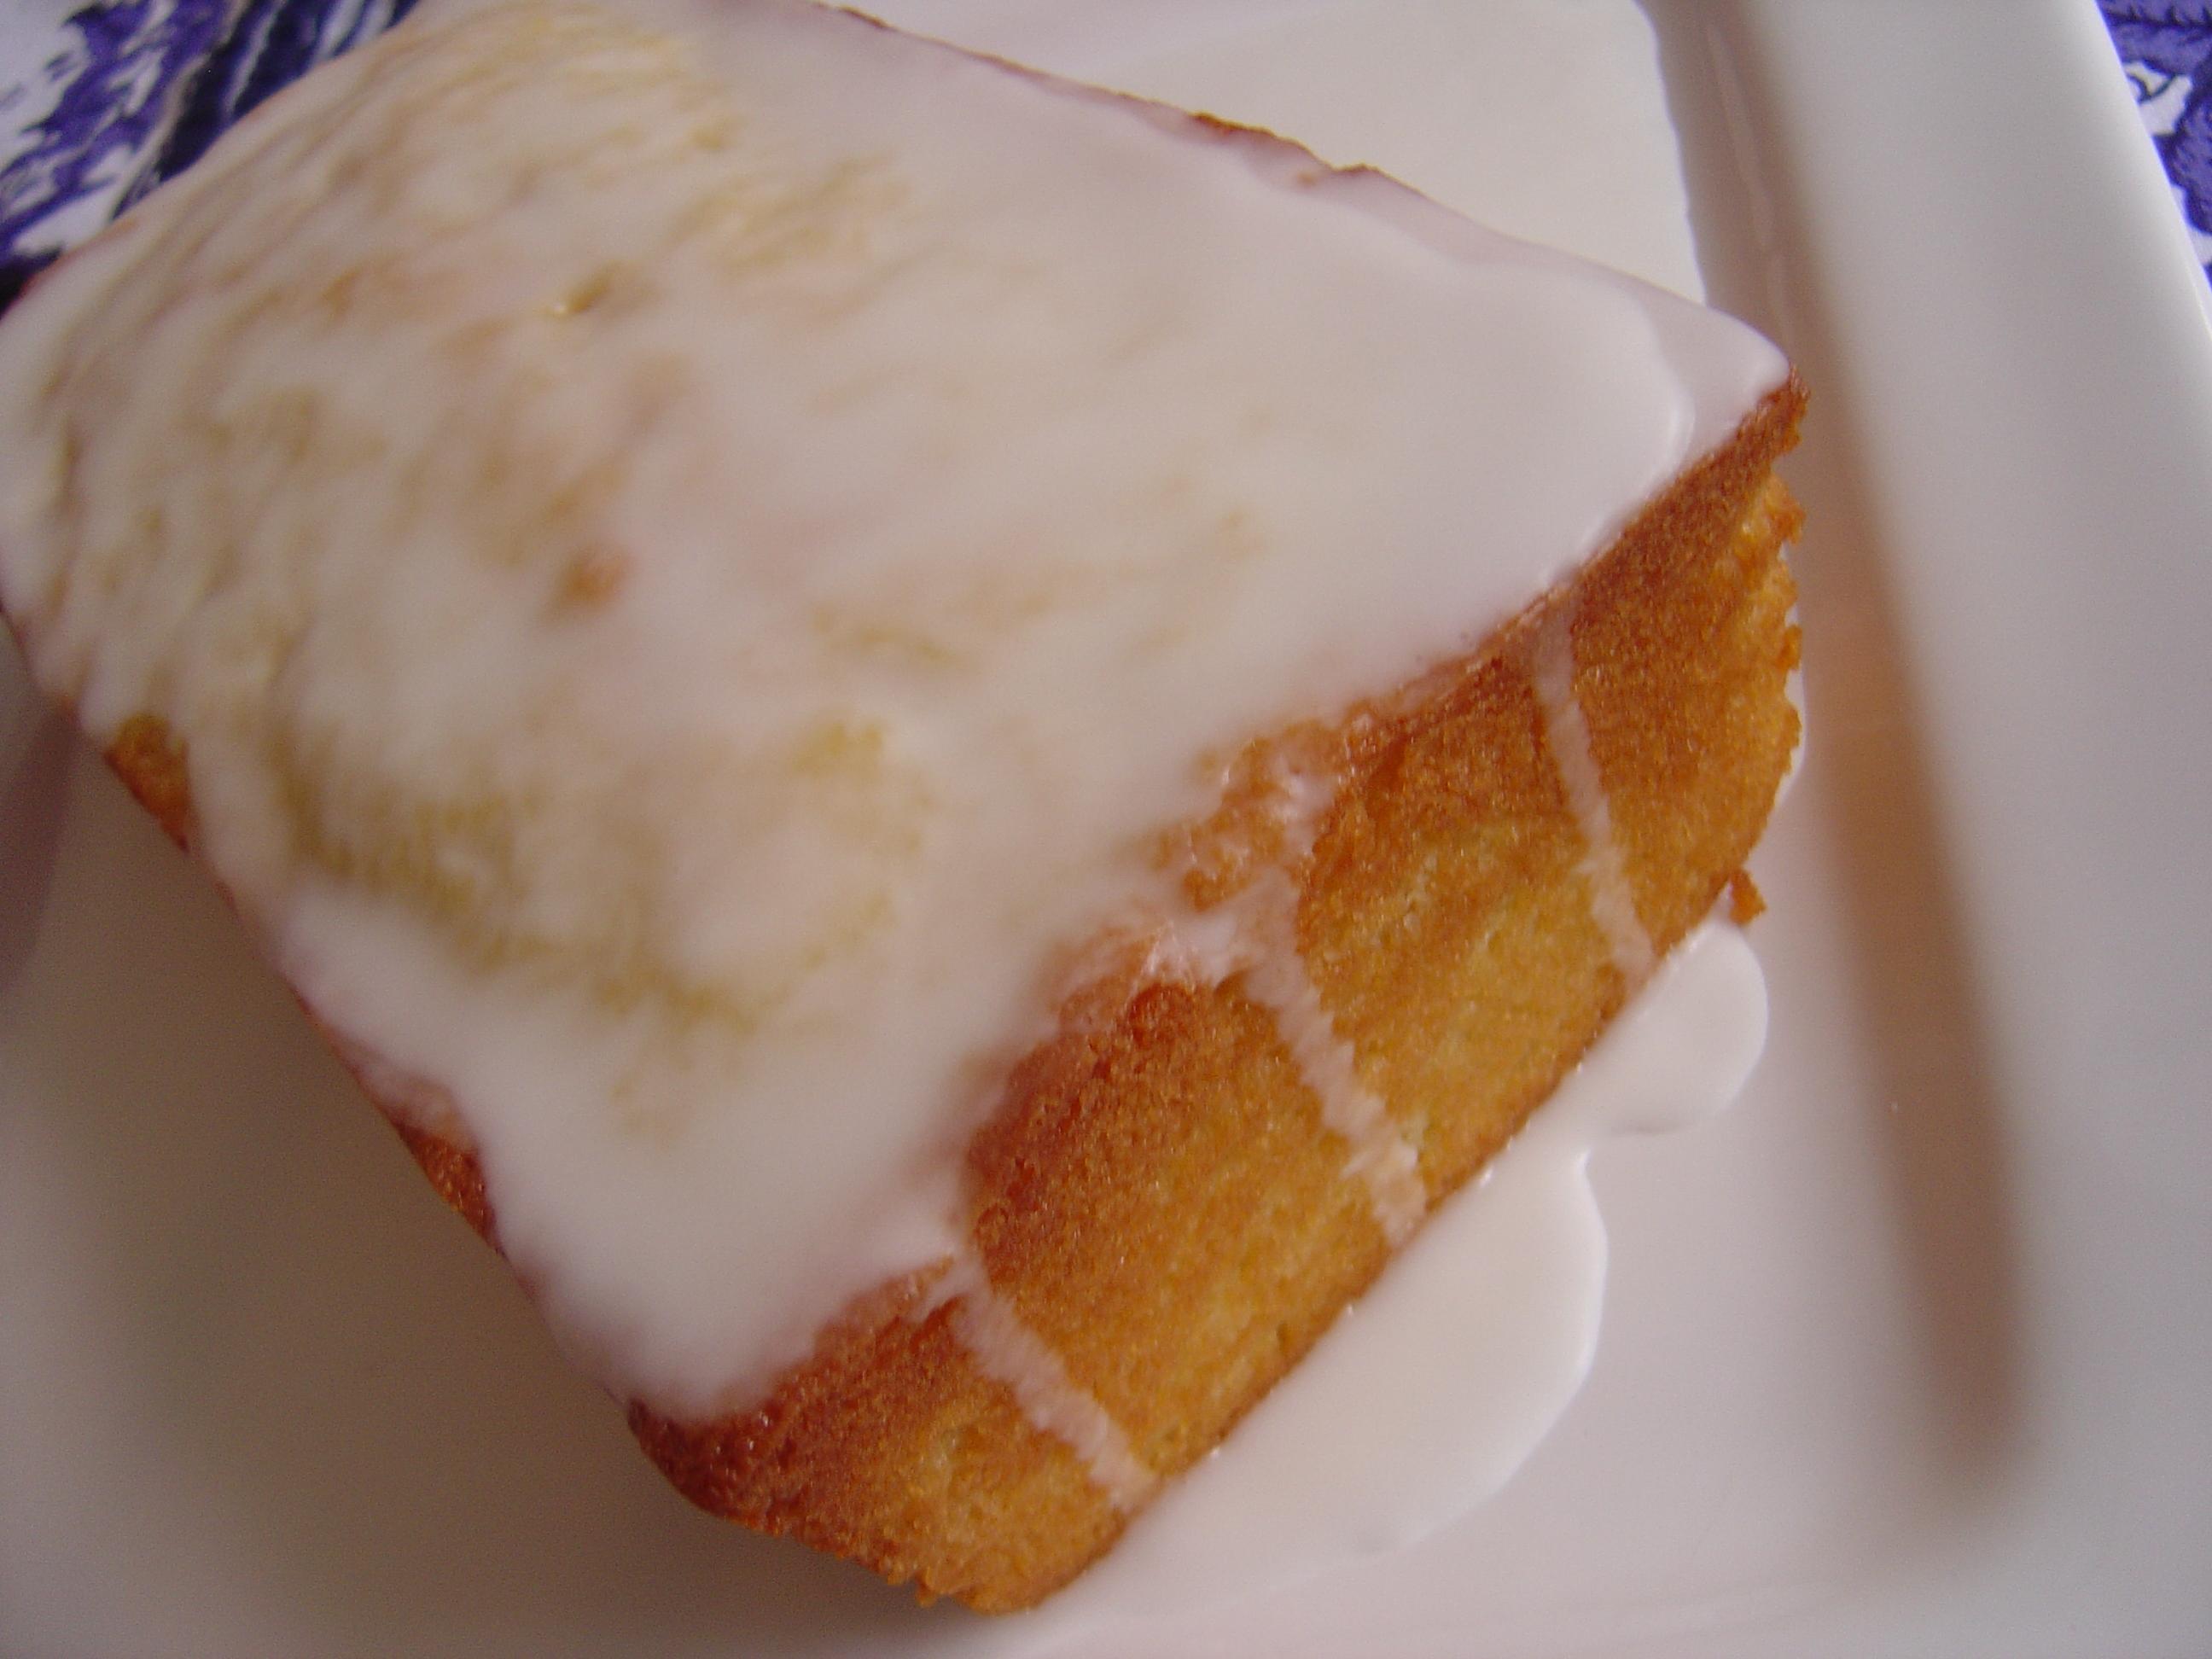 lemony lemon cake smells like home